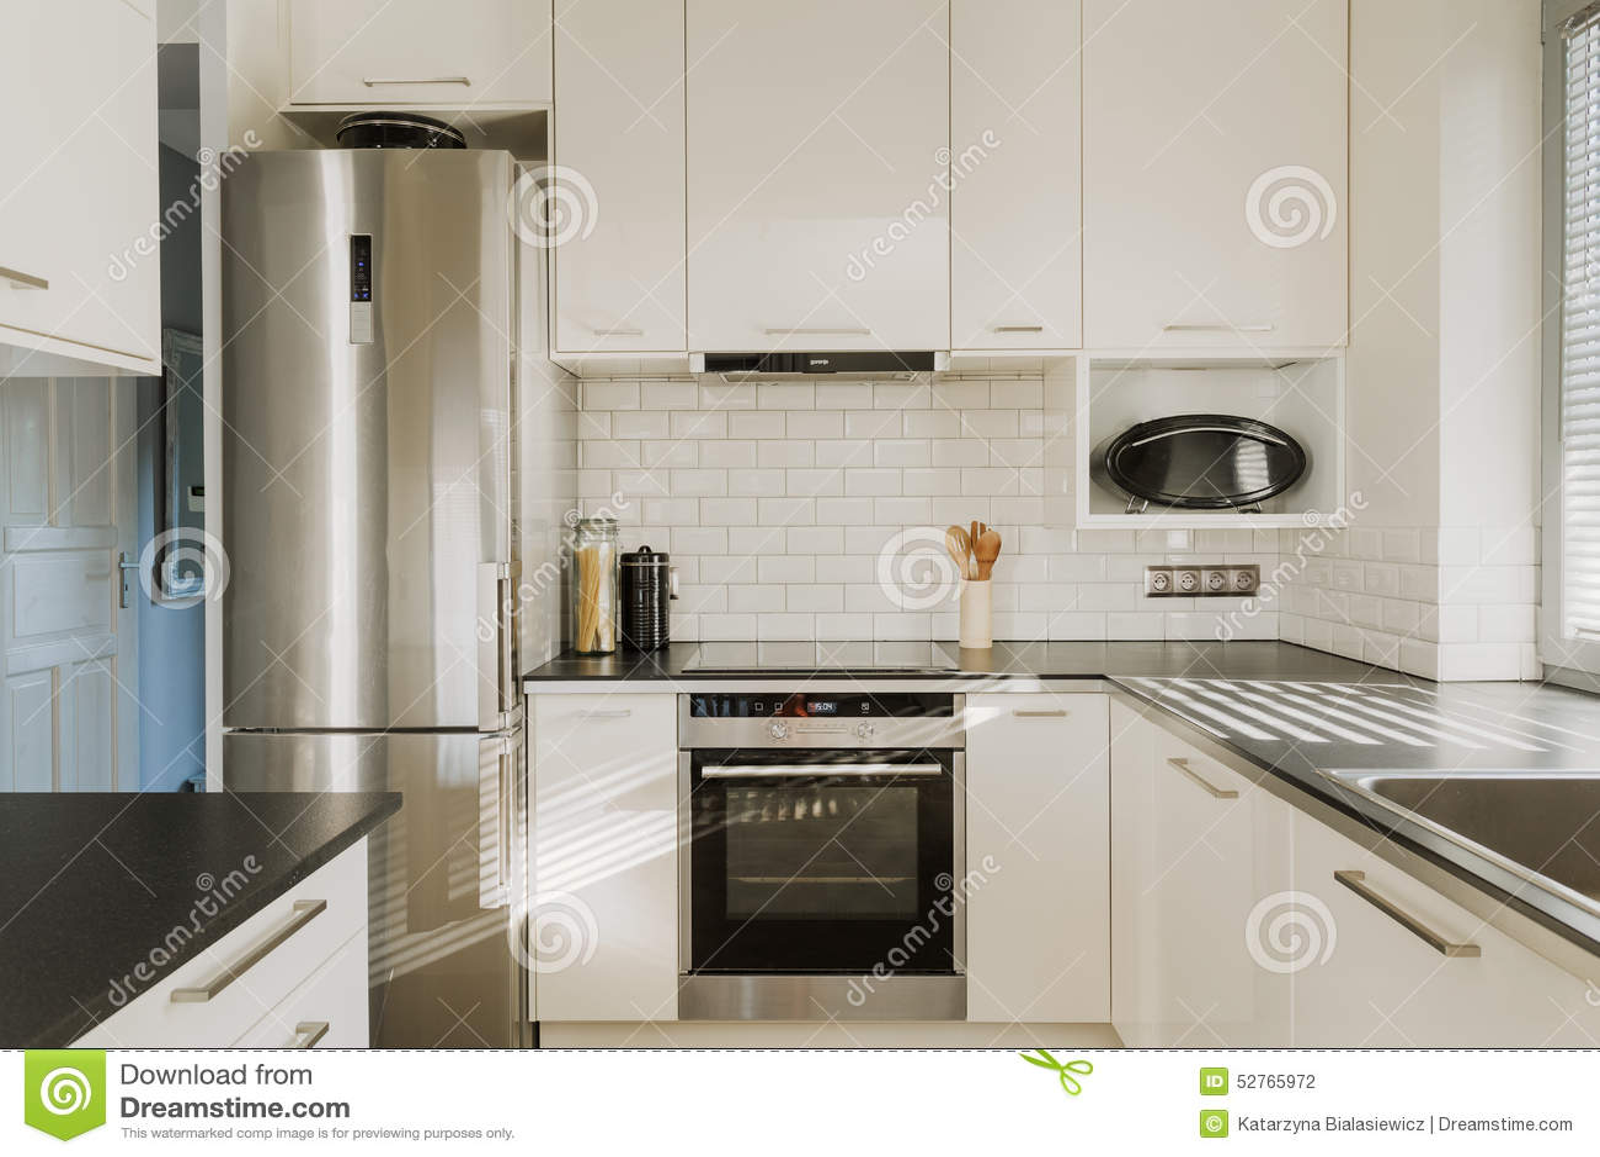 Chrome koelkast in witte keuken stock foto   afbeelding: 52765972